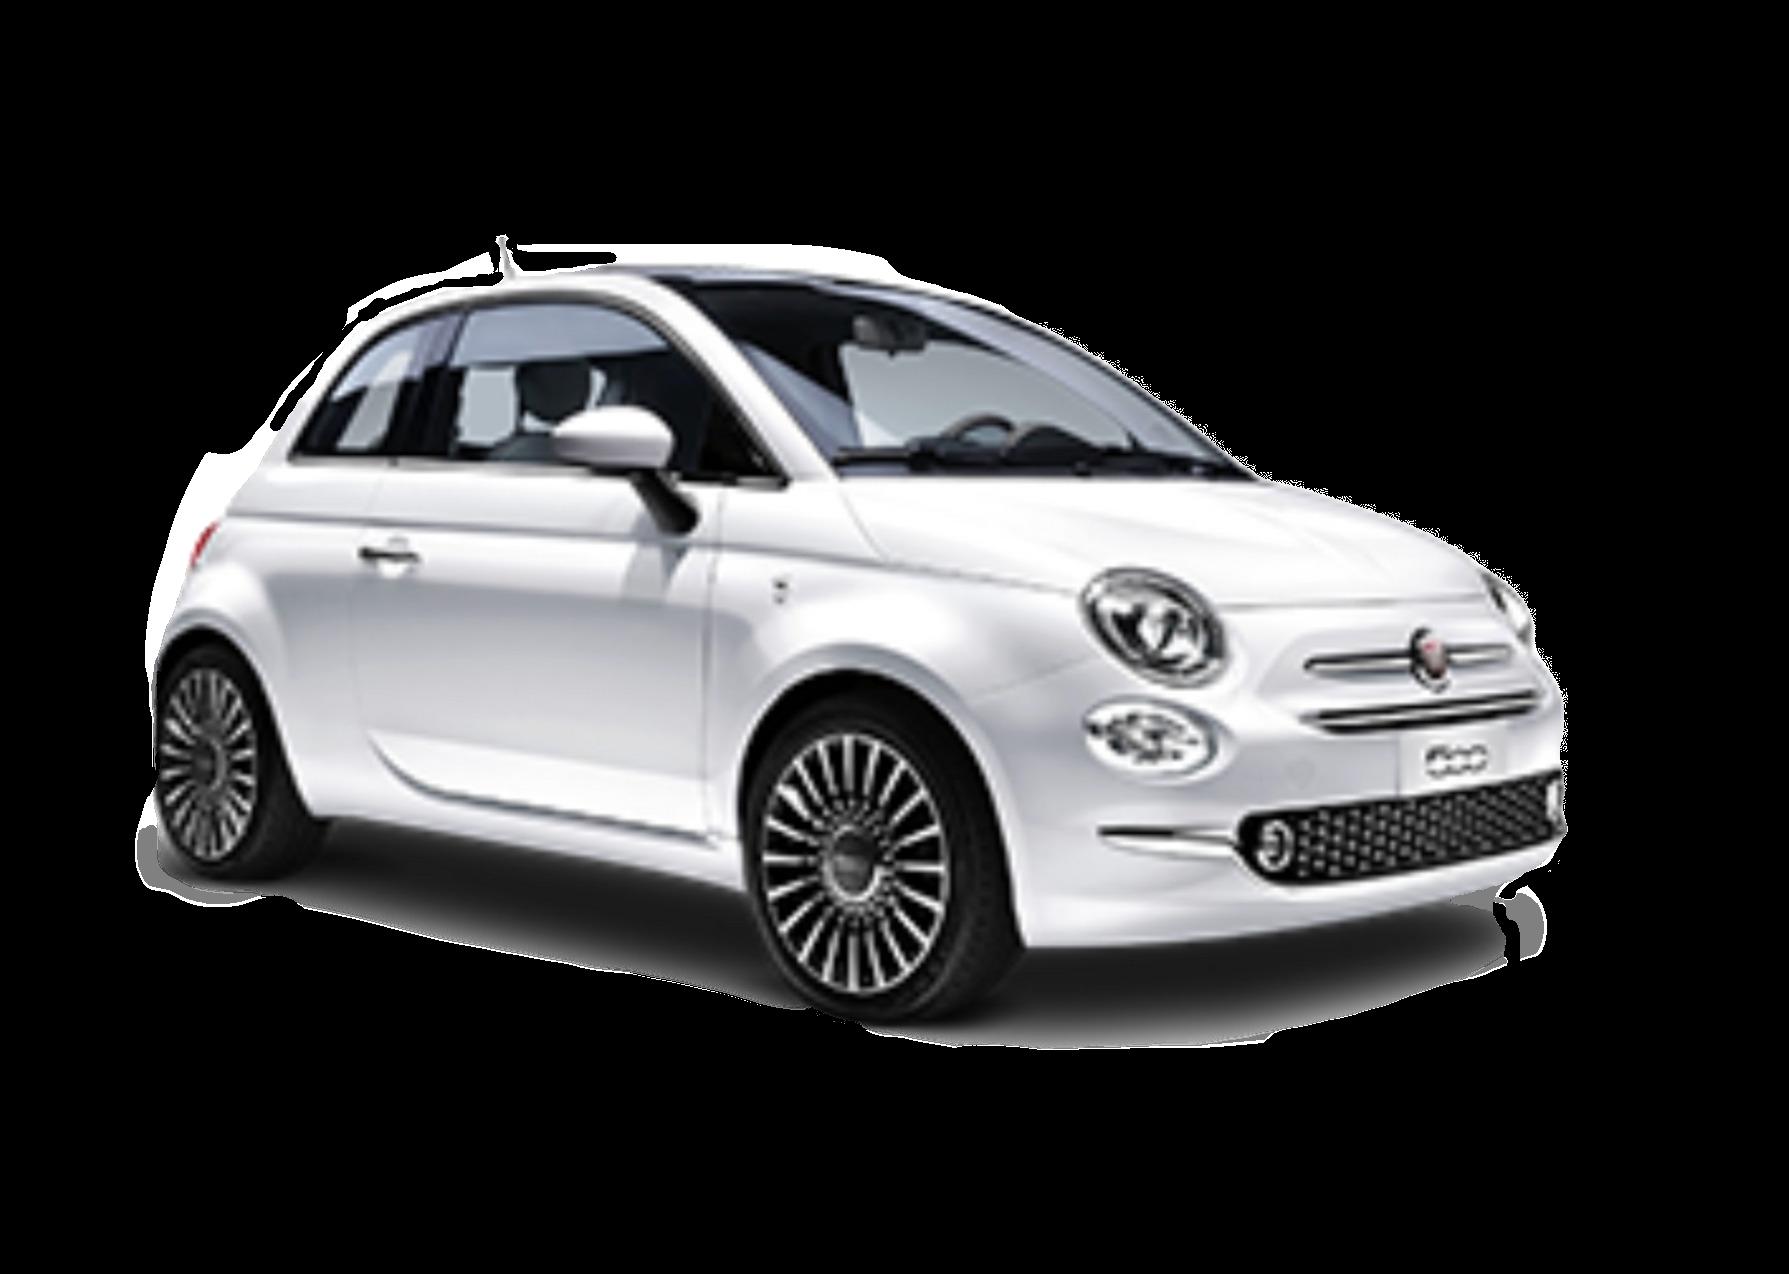 Fiat%20500_edited